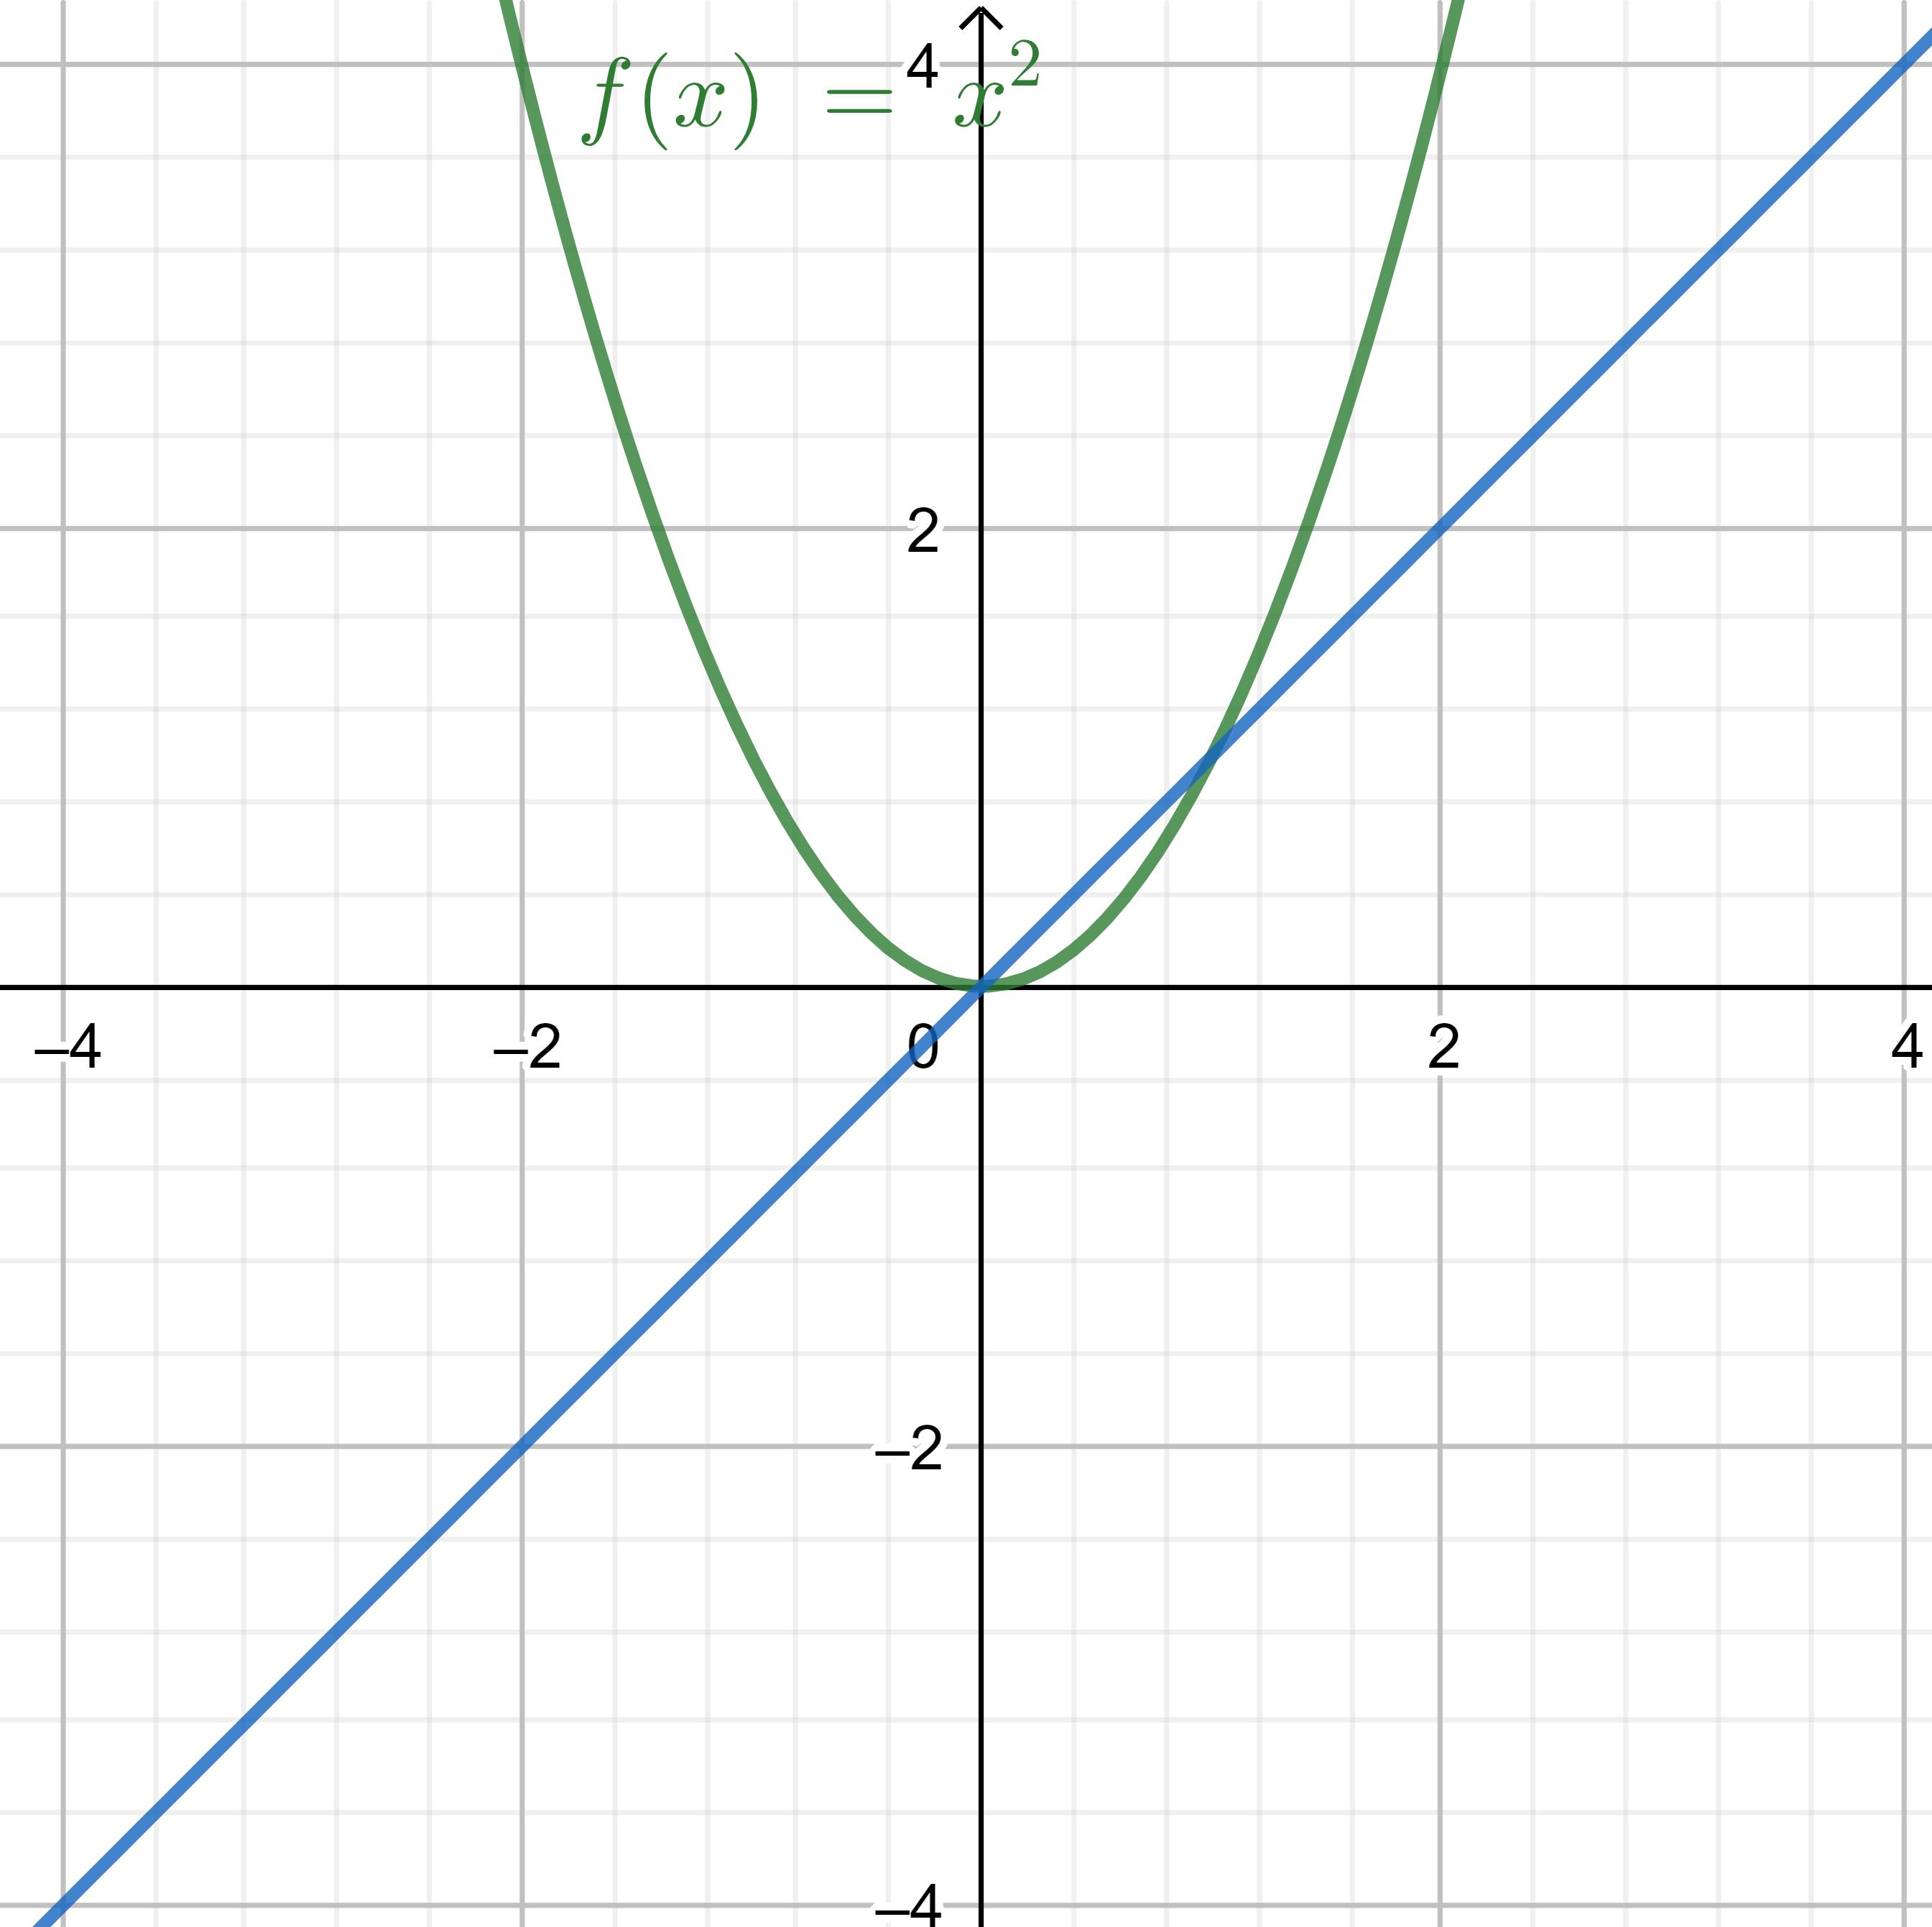 شکل نمودارها